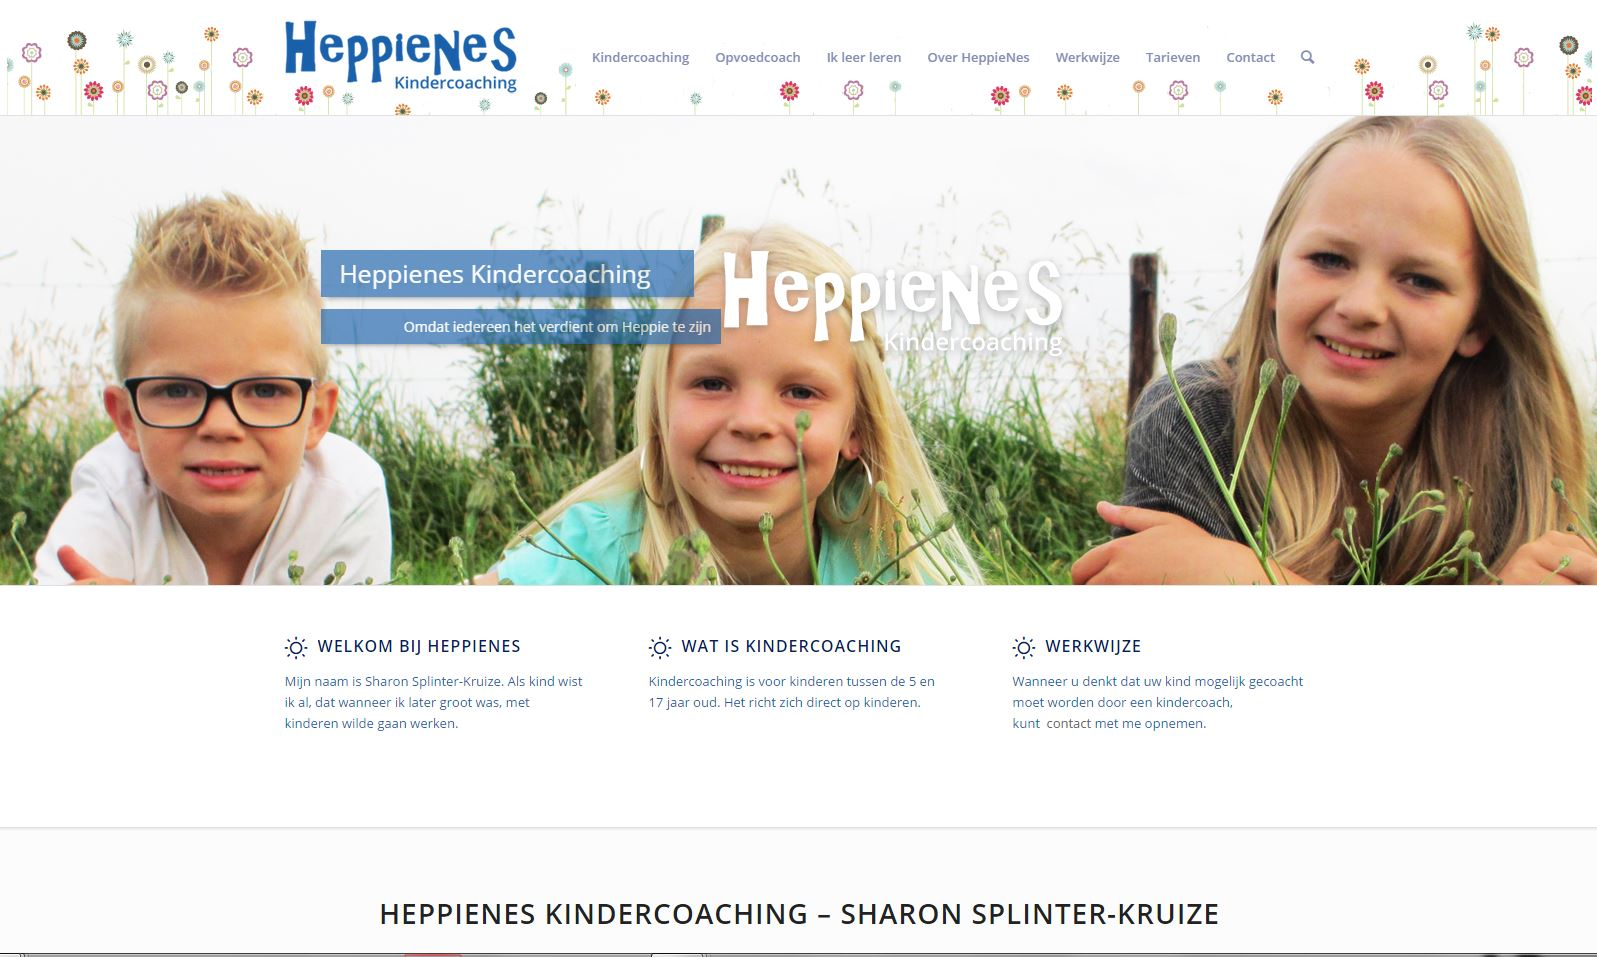 Heppienes